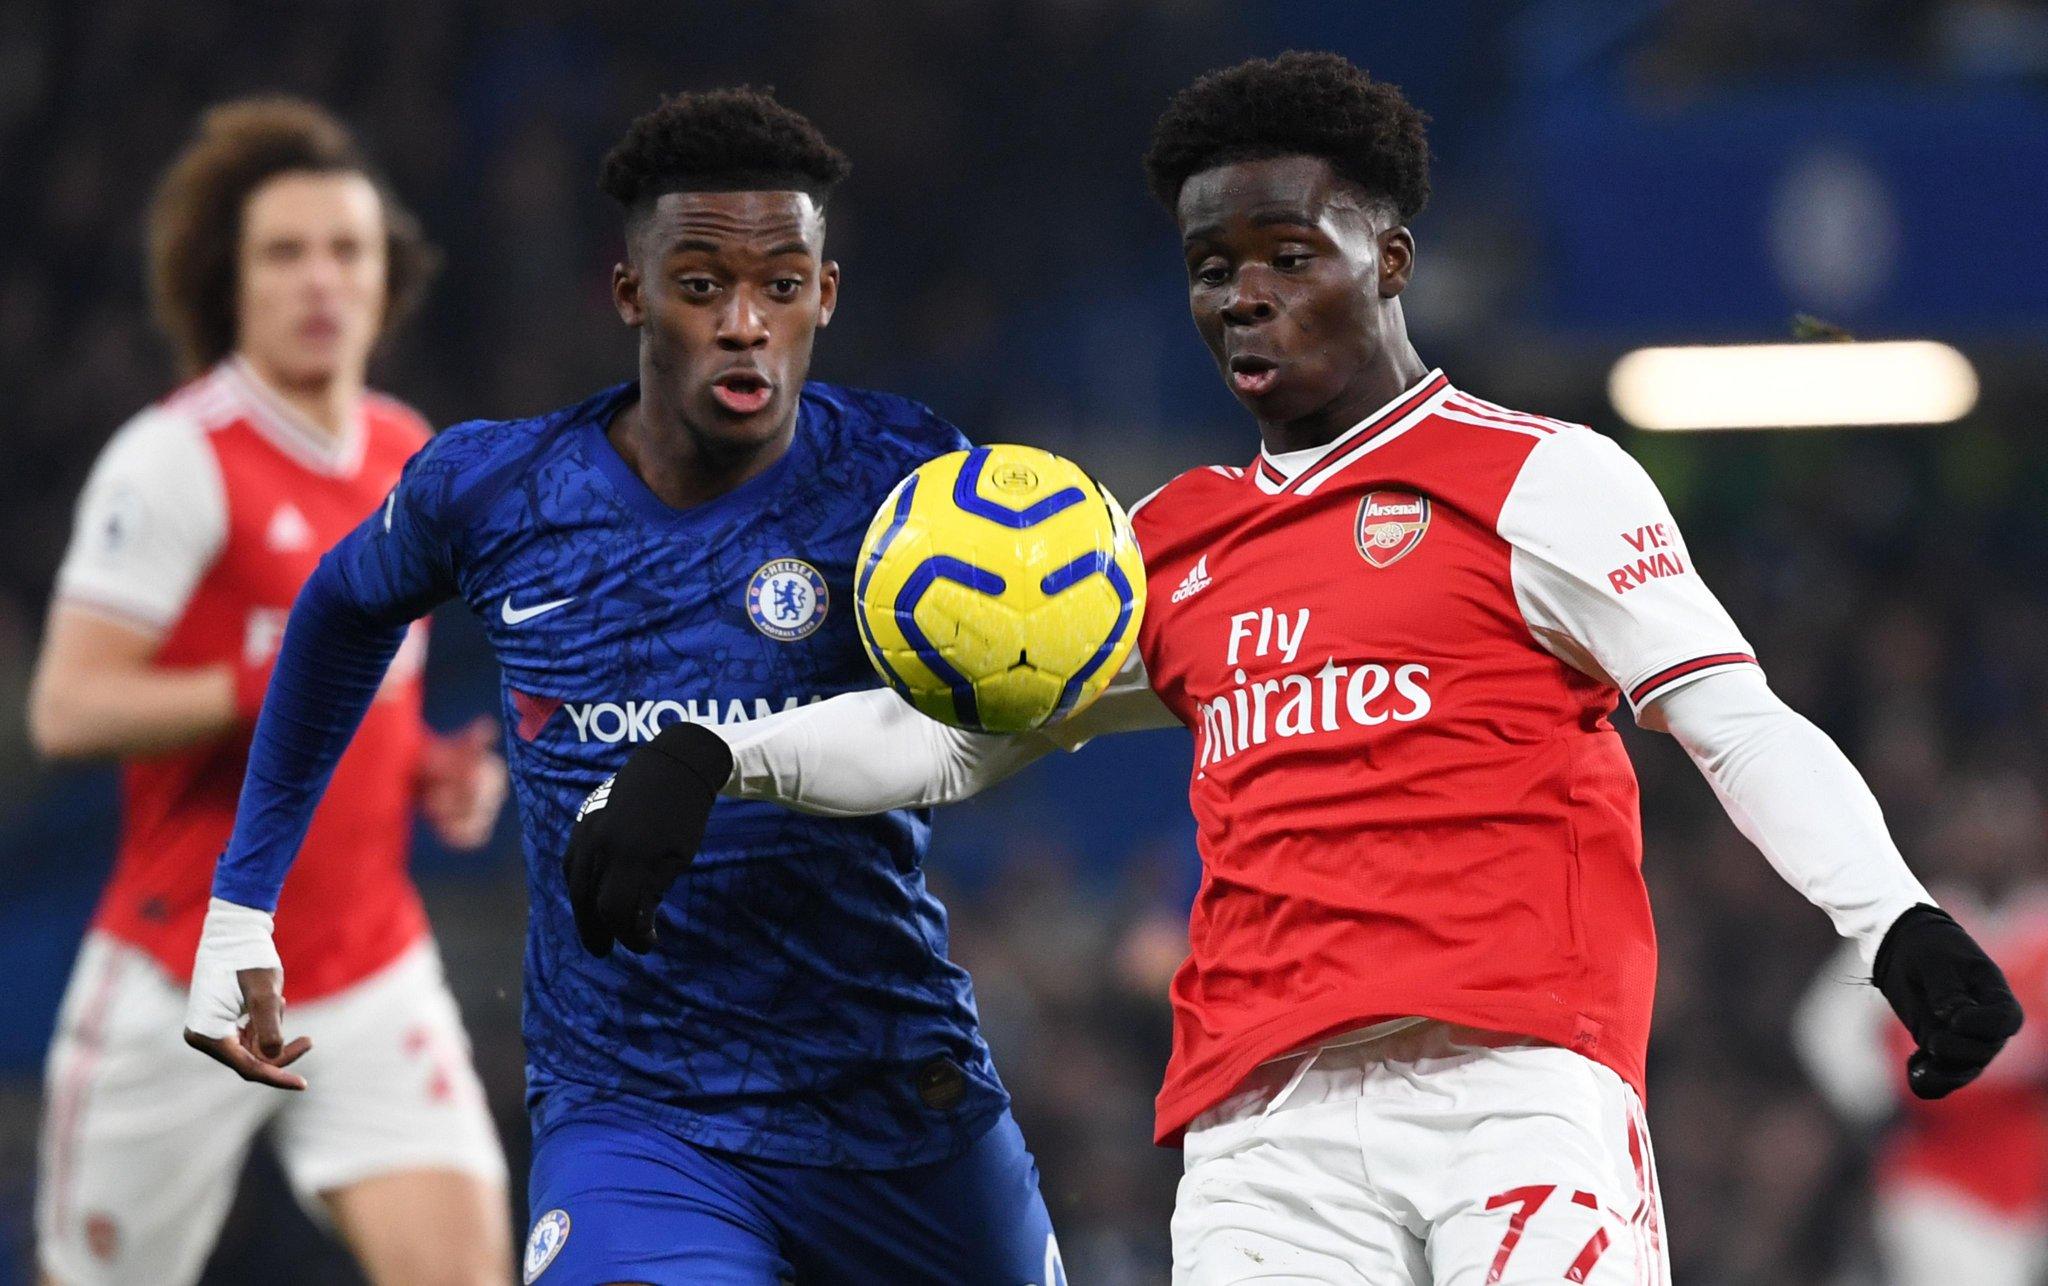 #PremierLeague - Les Gunners ont refusé de perdre le derby Londonien à Stamford Bridge (2-2)